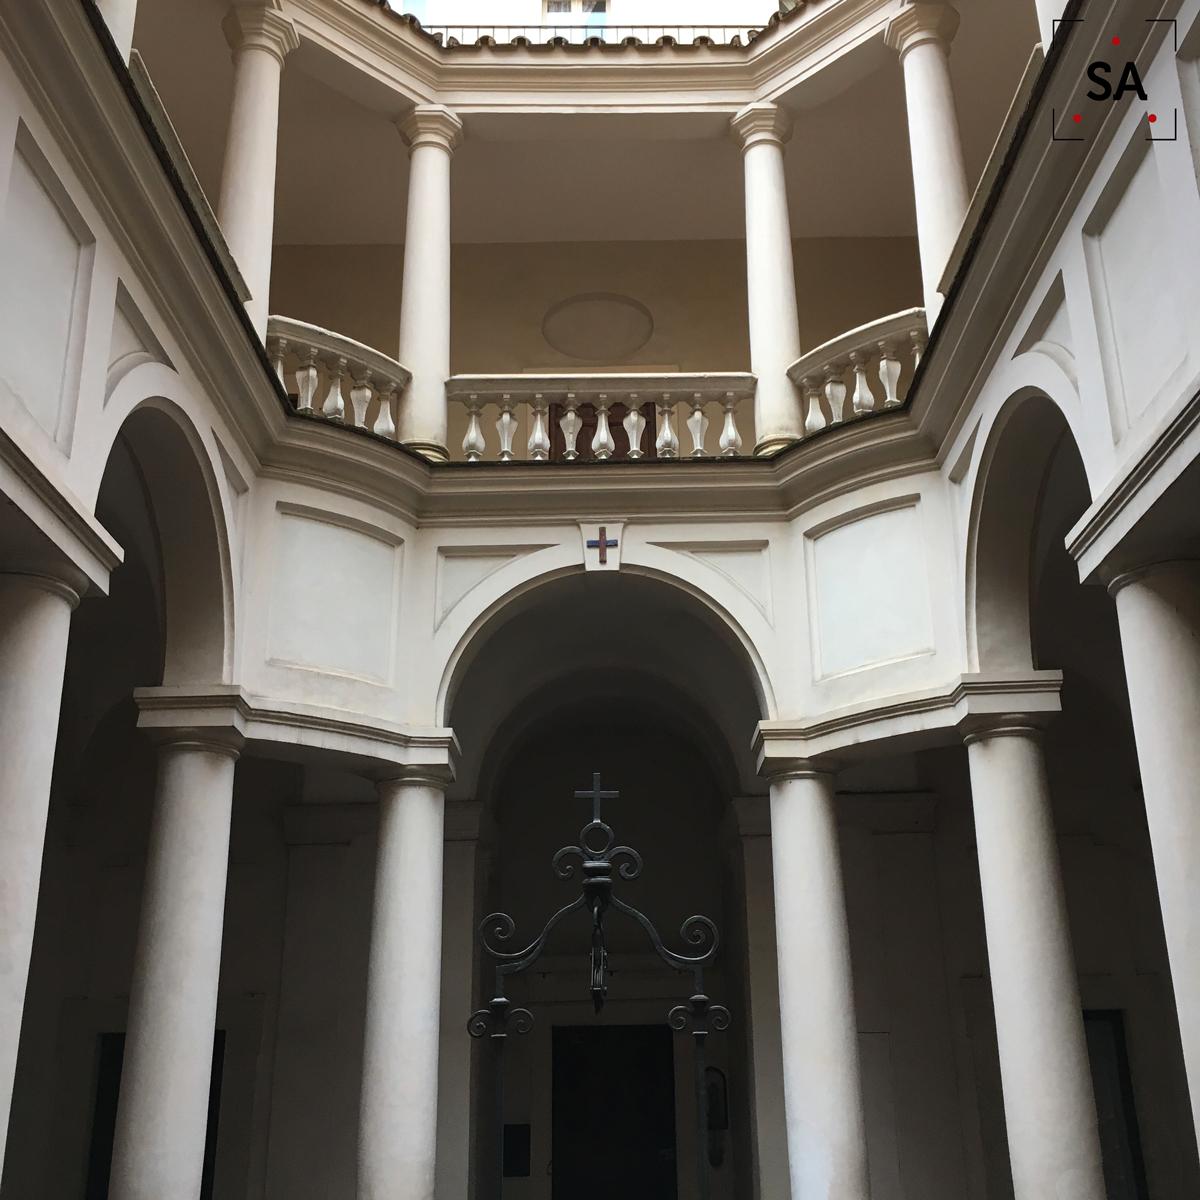 arte+arquitectura+roma+italia+barroco+borromini+fotografía+fotógrafo